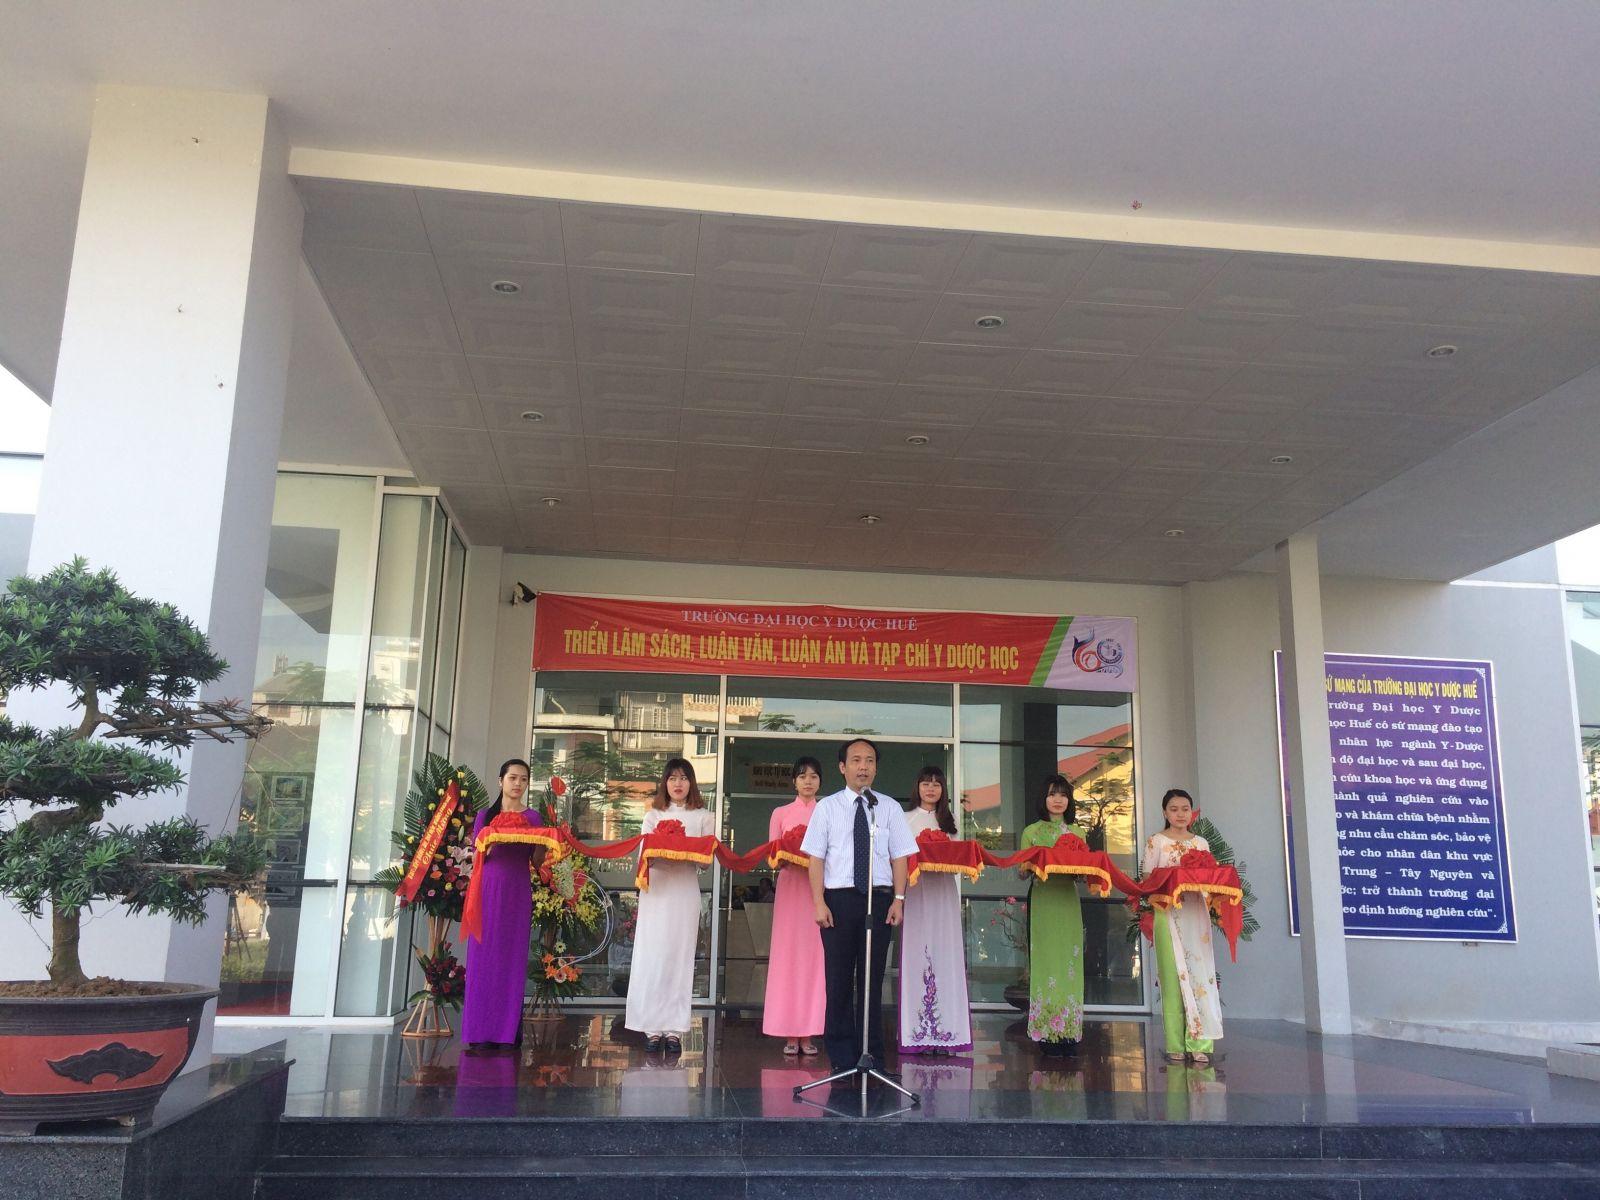 PGS.TS Nguyễn Khoa Hùng-Phó hiệu trưởng phát biểu tại buổi lễ khai mạc triển lãm